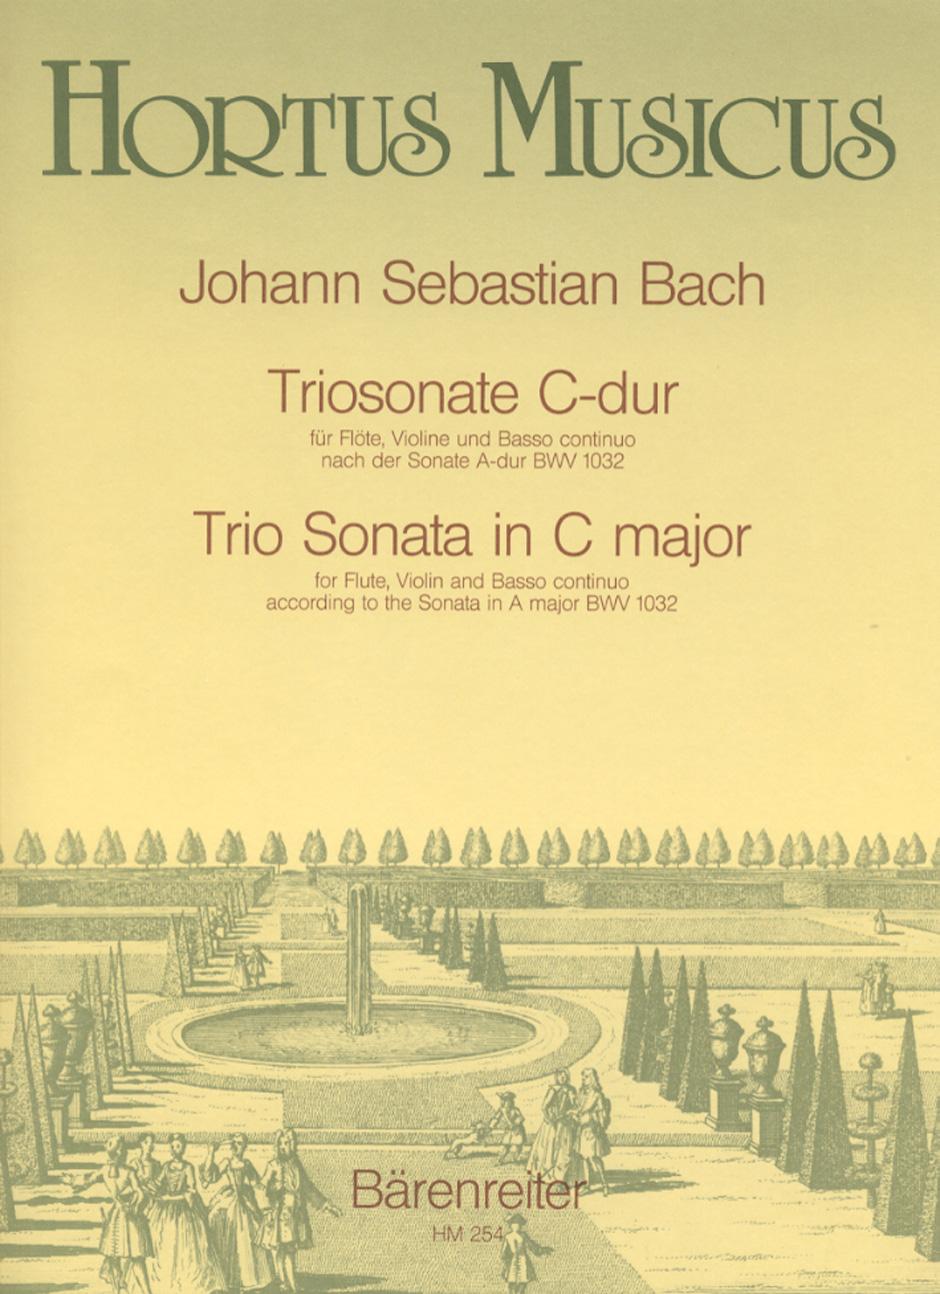 TRIO SONATA in C major BWV 1032